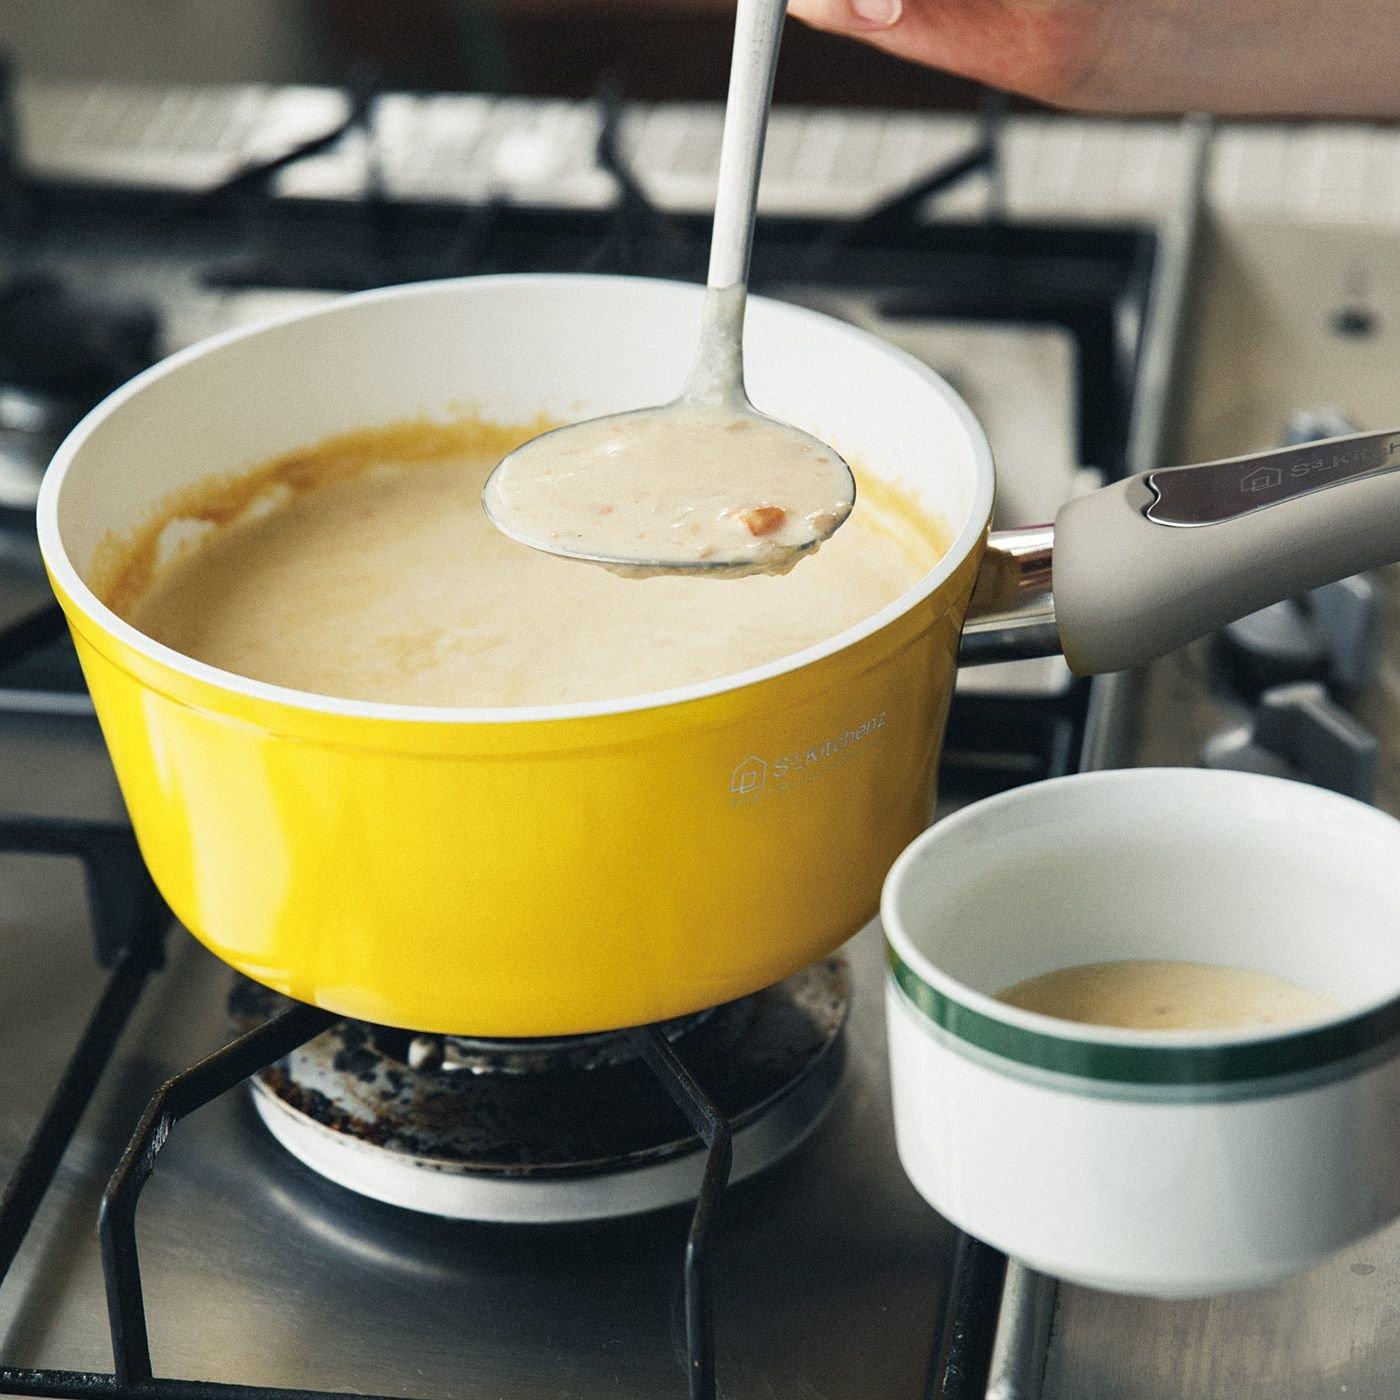 料理のテンションも腕前も上げていこう! 自慢したくなるイエローセラミッククッキングパン〈ソースパン〉